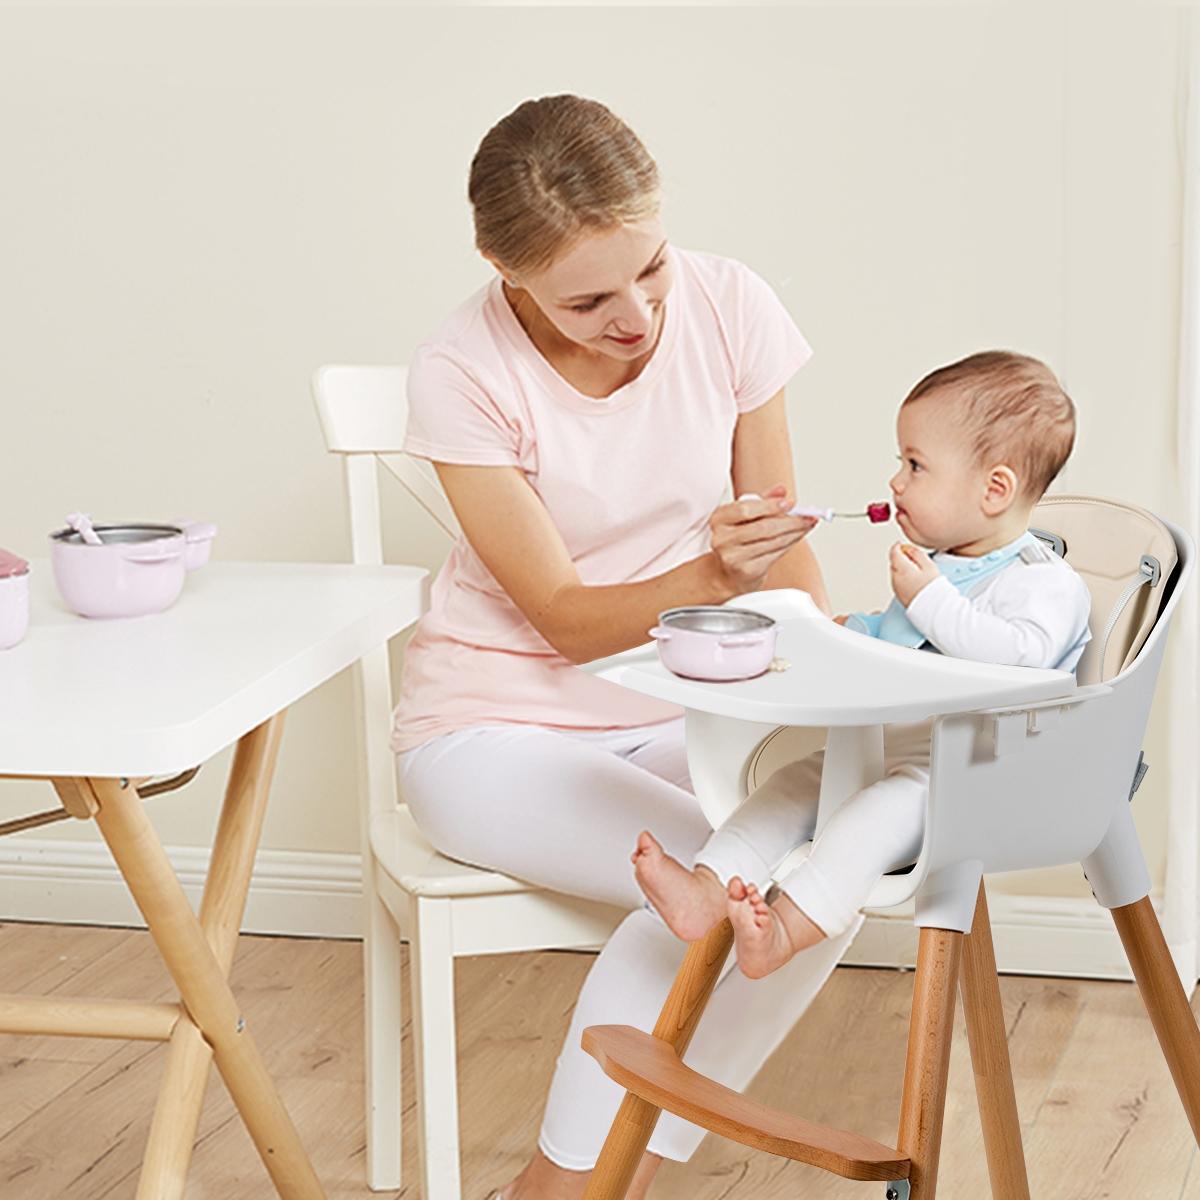 Trona para Bebé Trona Convertible Multifuncional con Bandeja Removible Arnés de 5 Puntos Cojín Acolchado Altura Ajustable para Bebé de 6 a 36